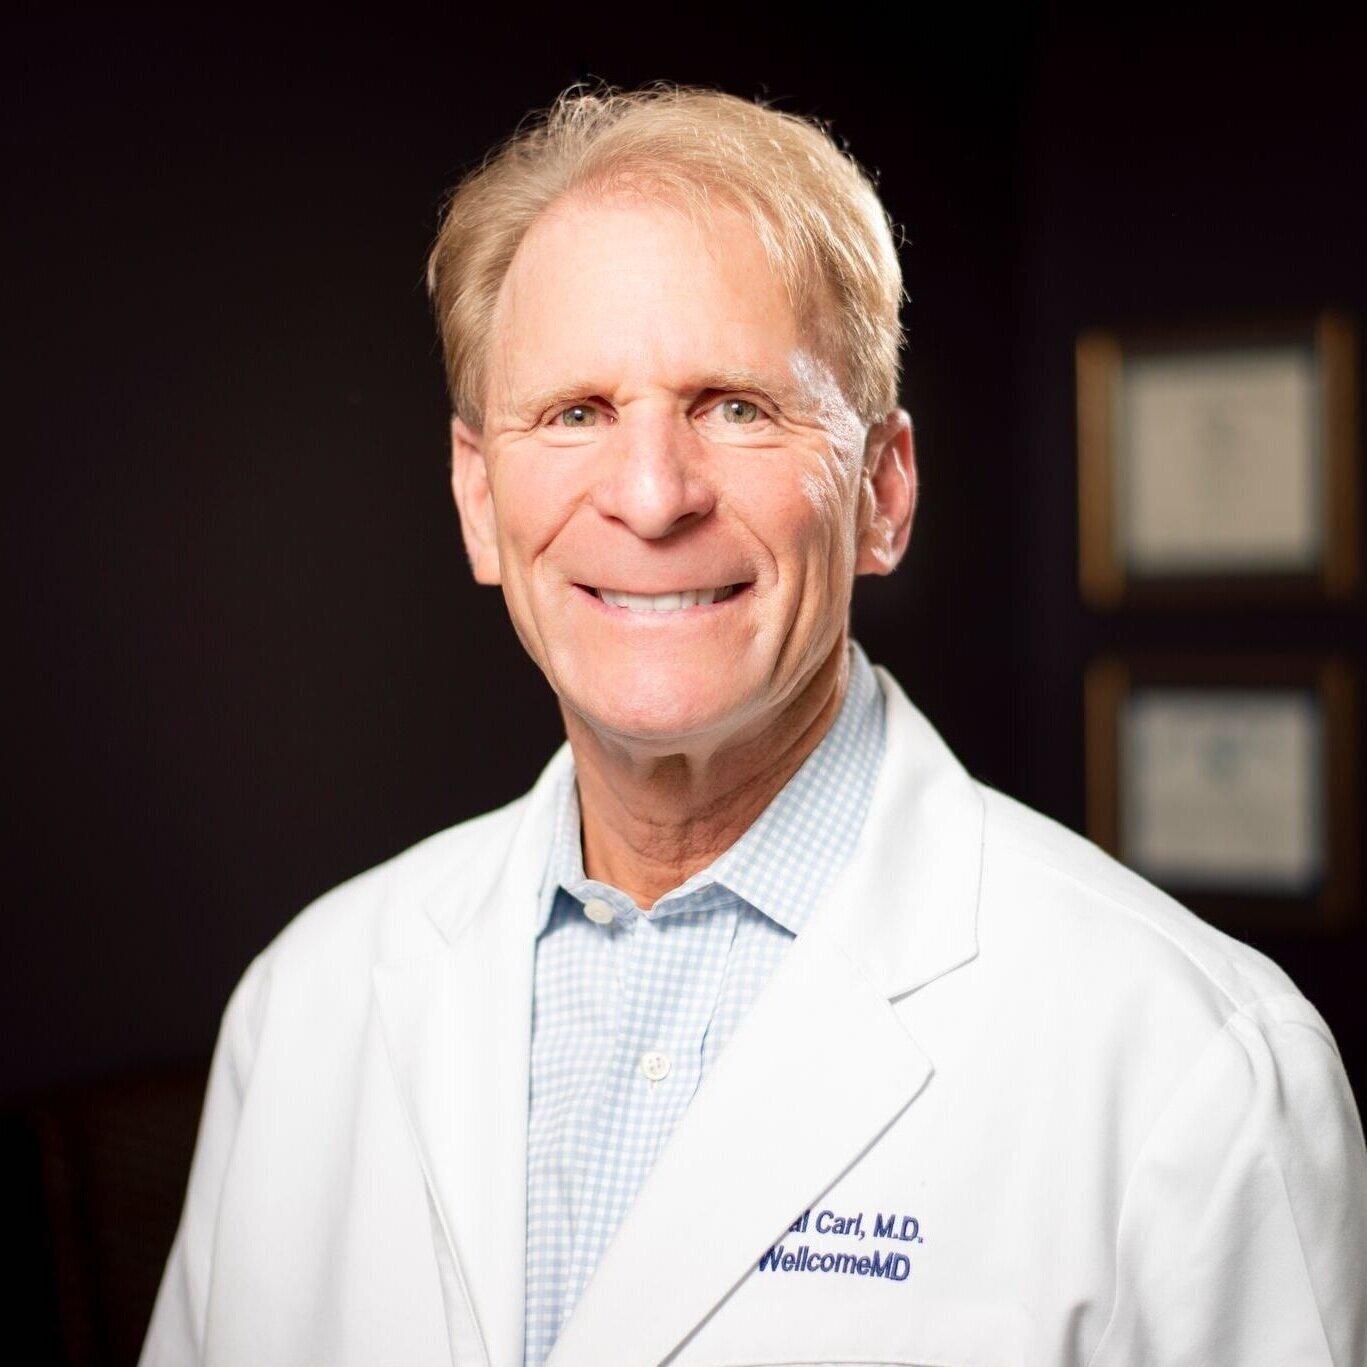 Dr. Neal Carl, M.D.